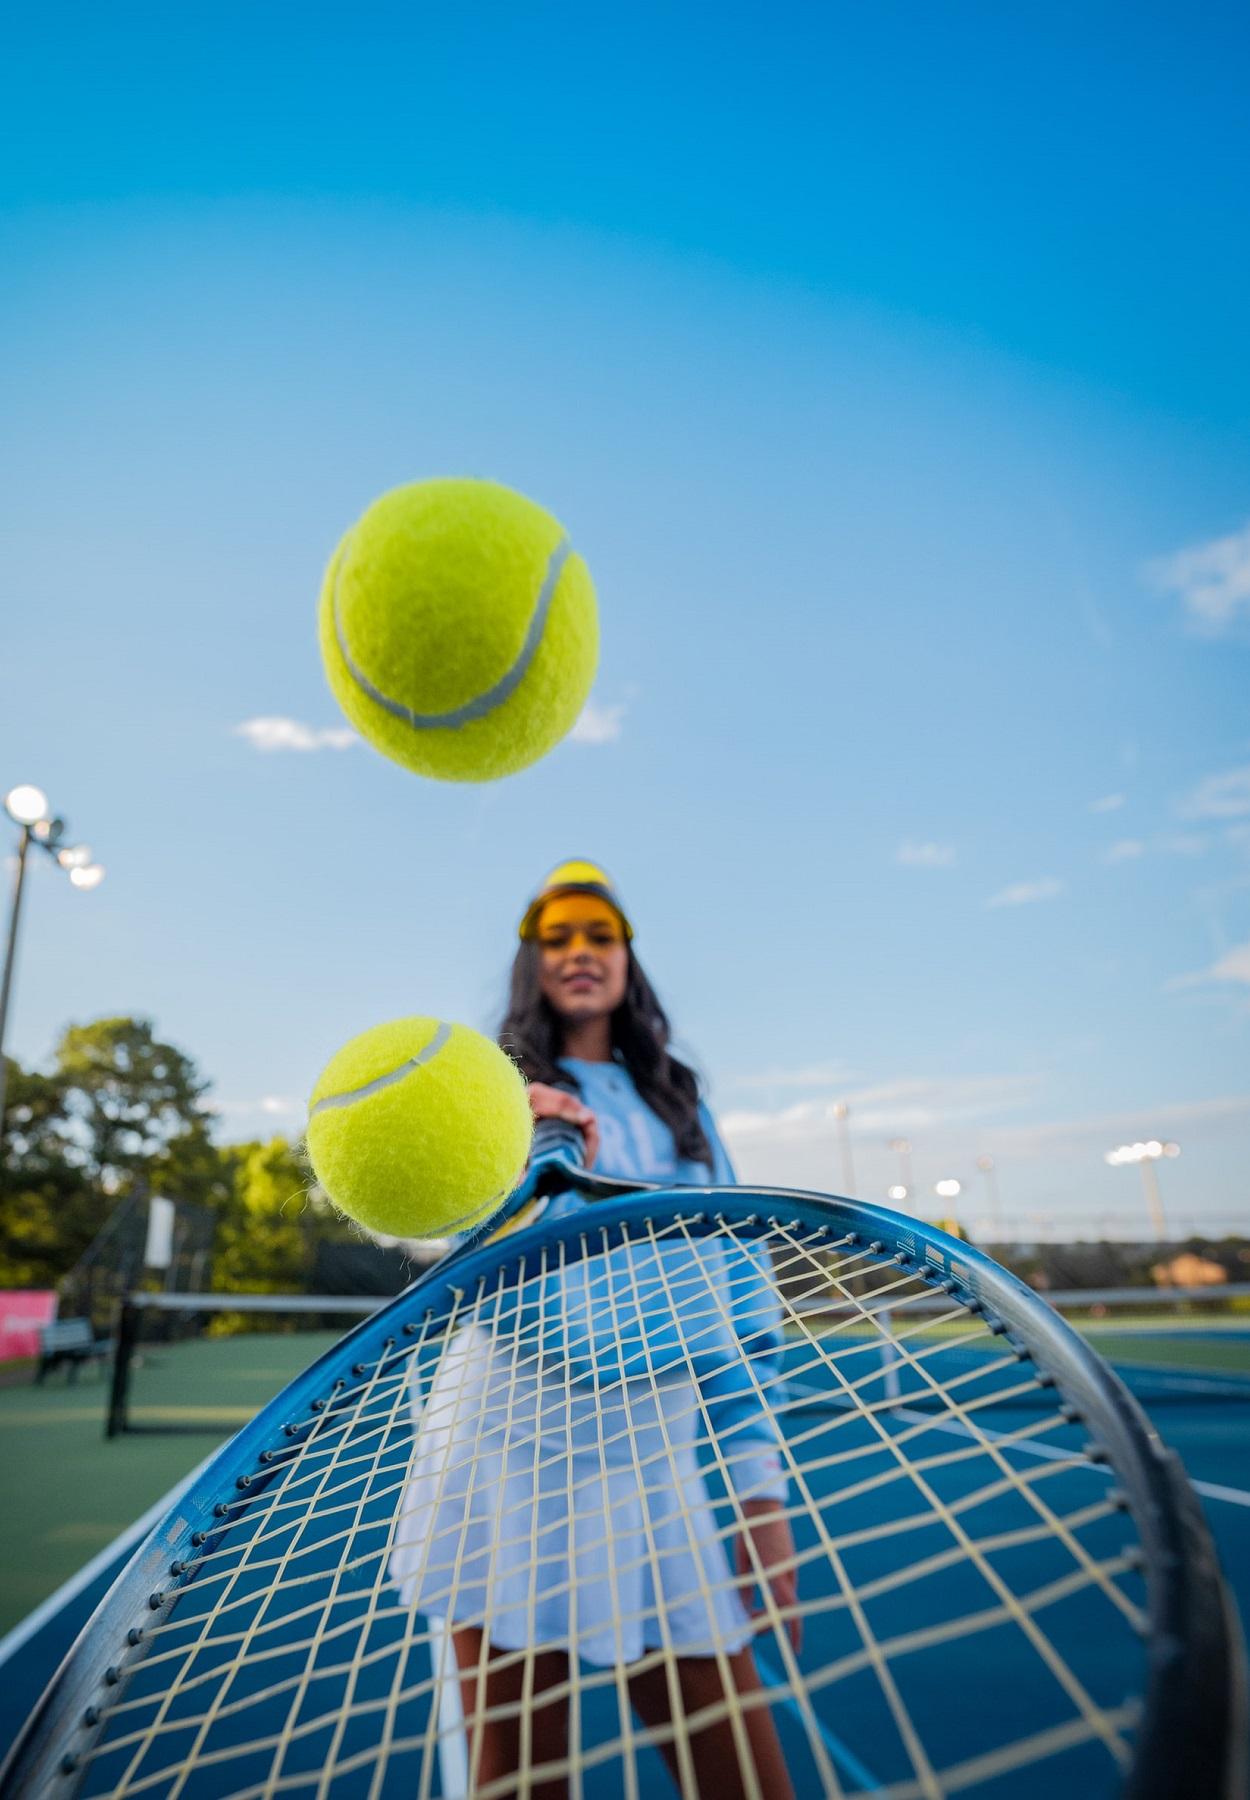 Vêtements et équipement de tennis